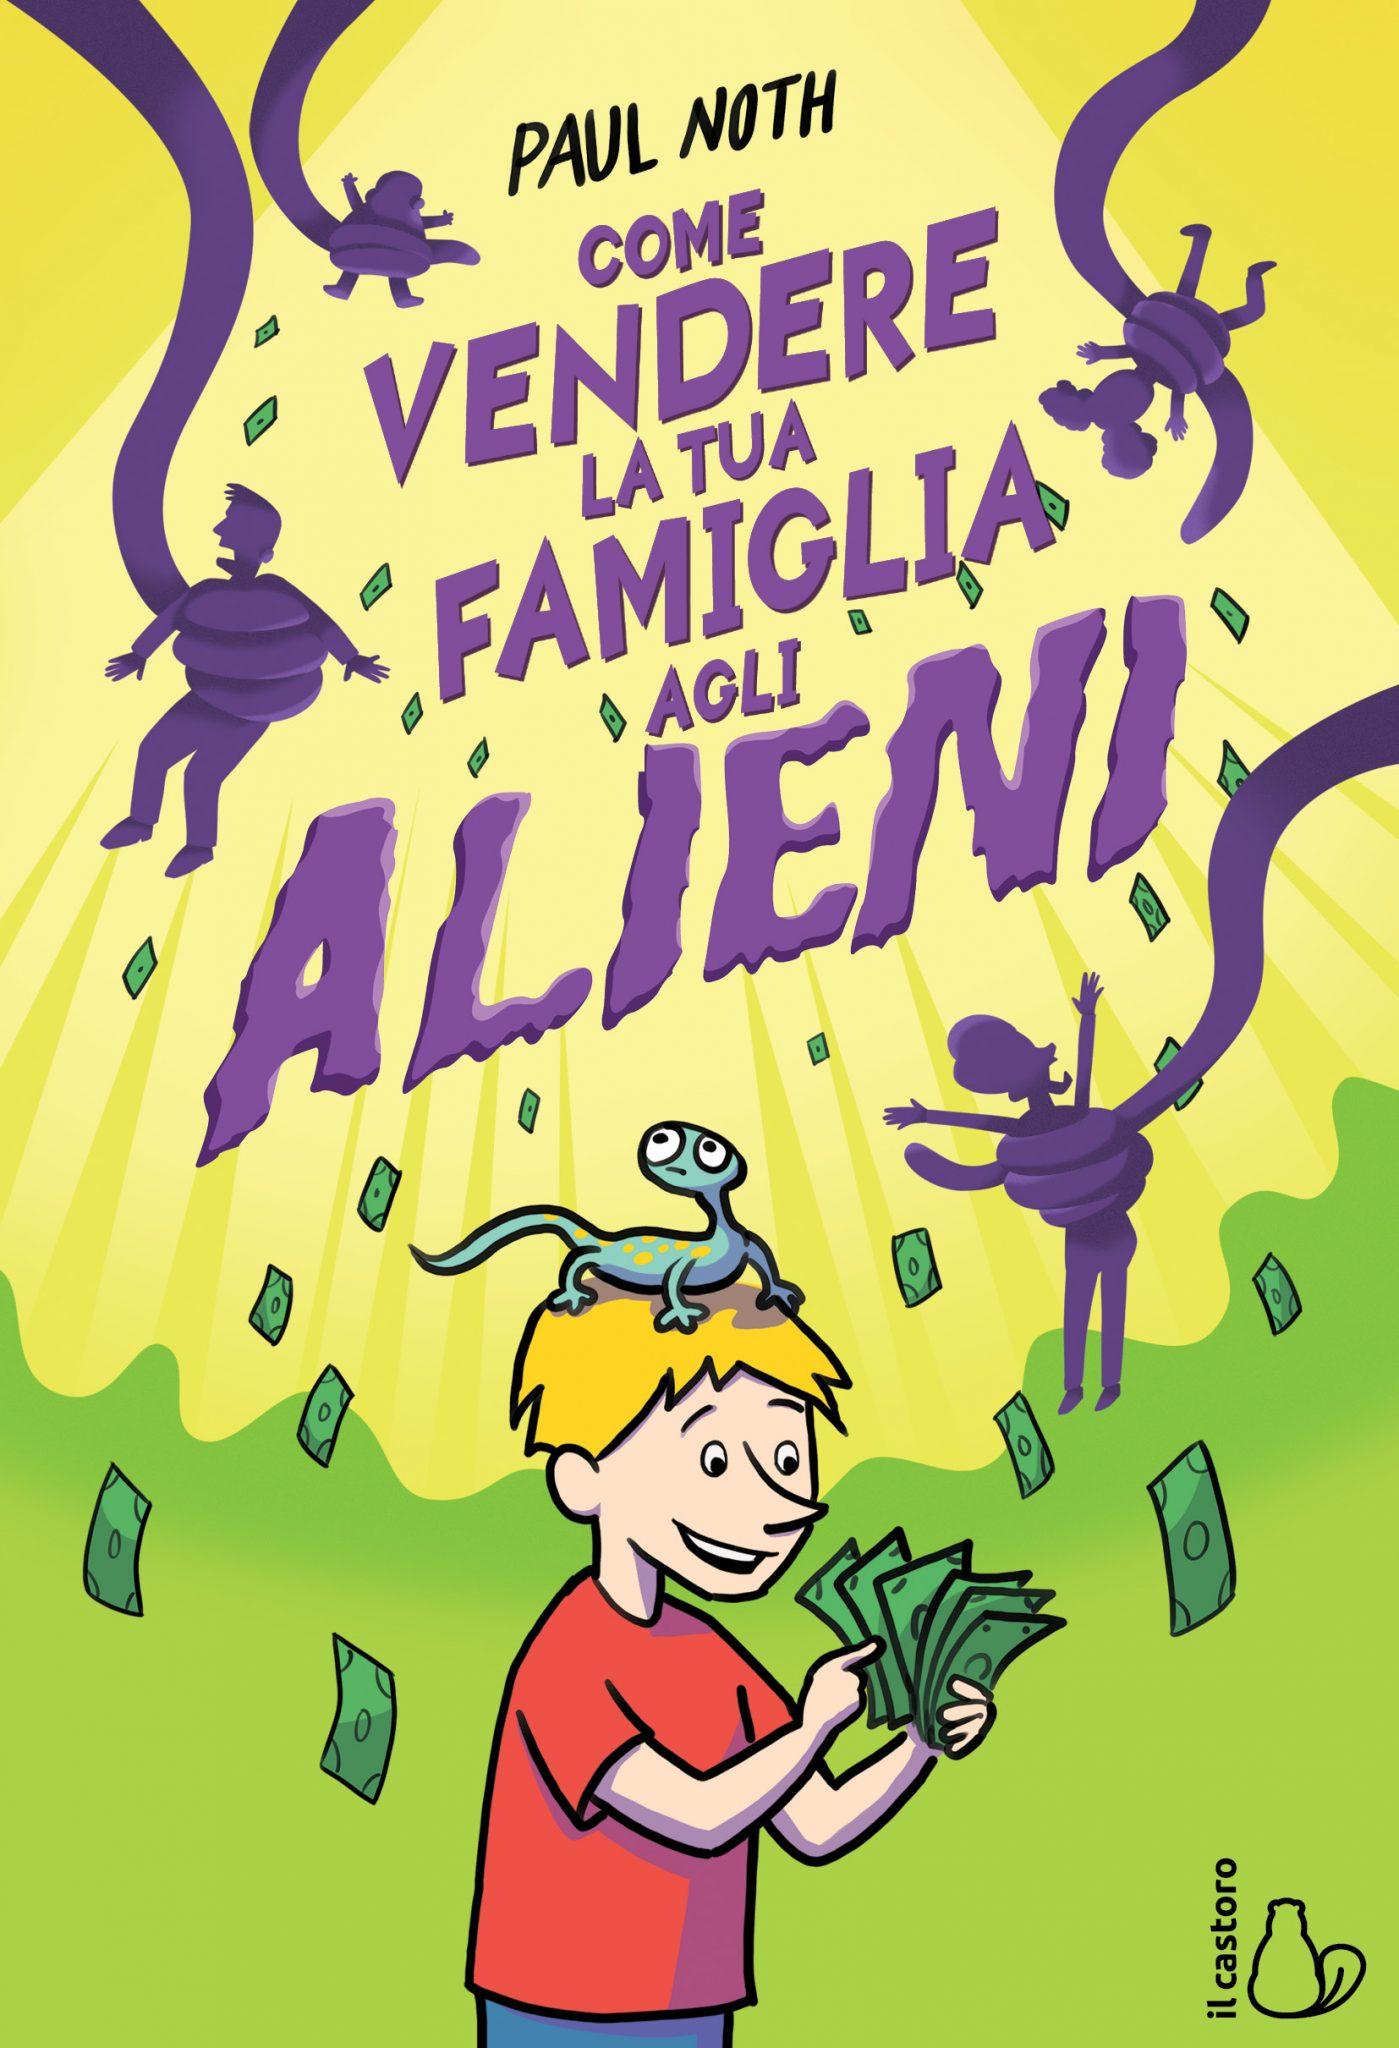 Come vendere la tua famiglia agli alieni - Editrice Il Castoro